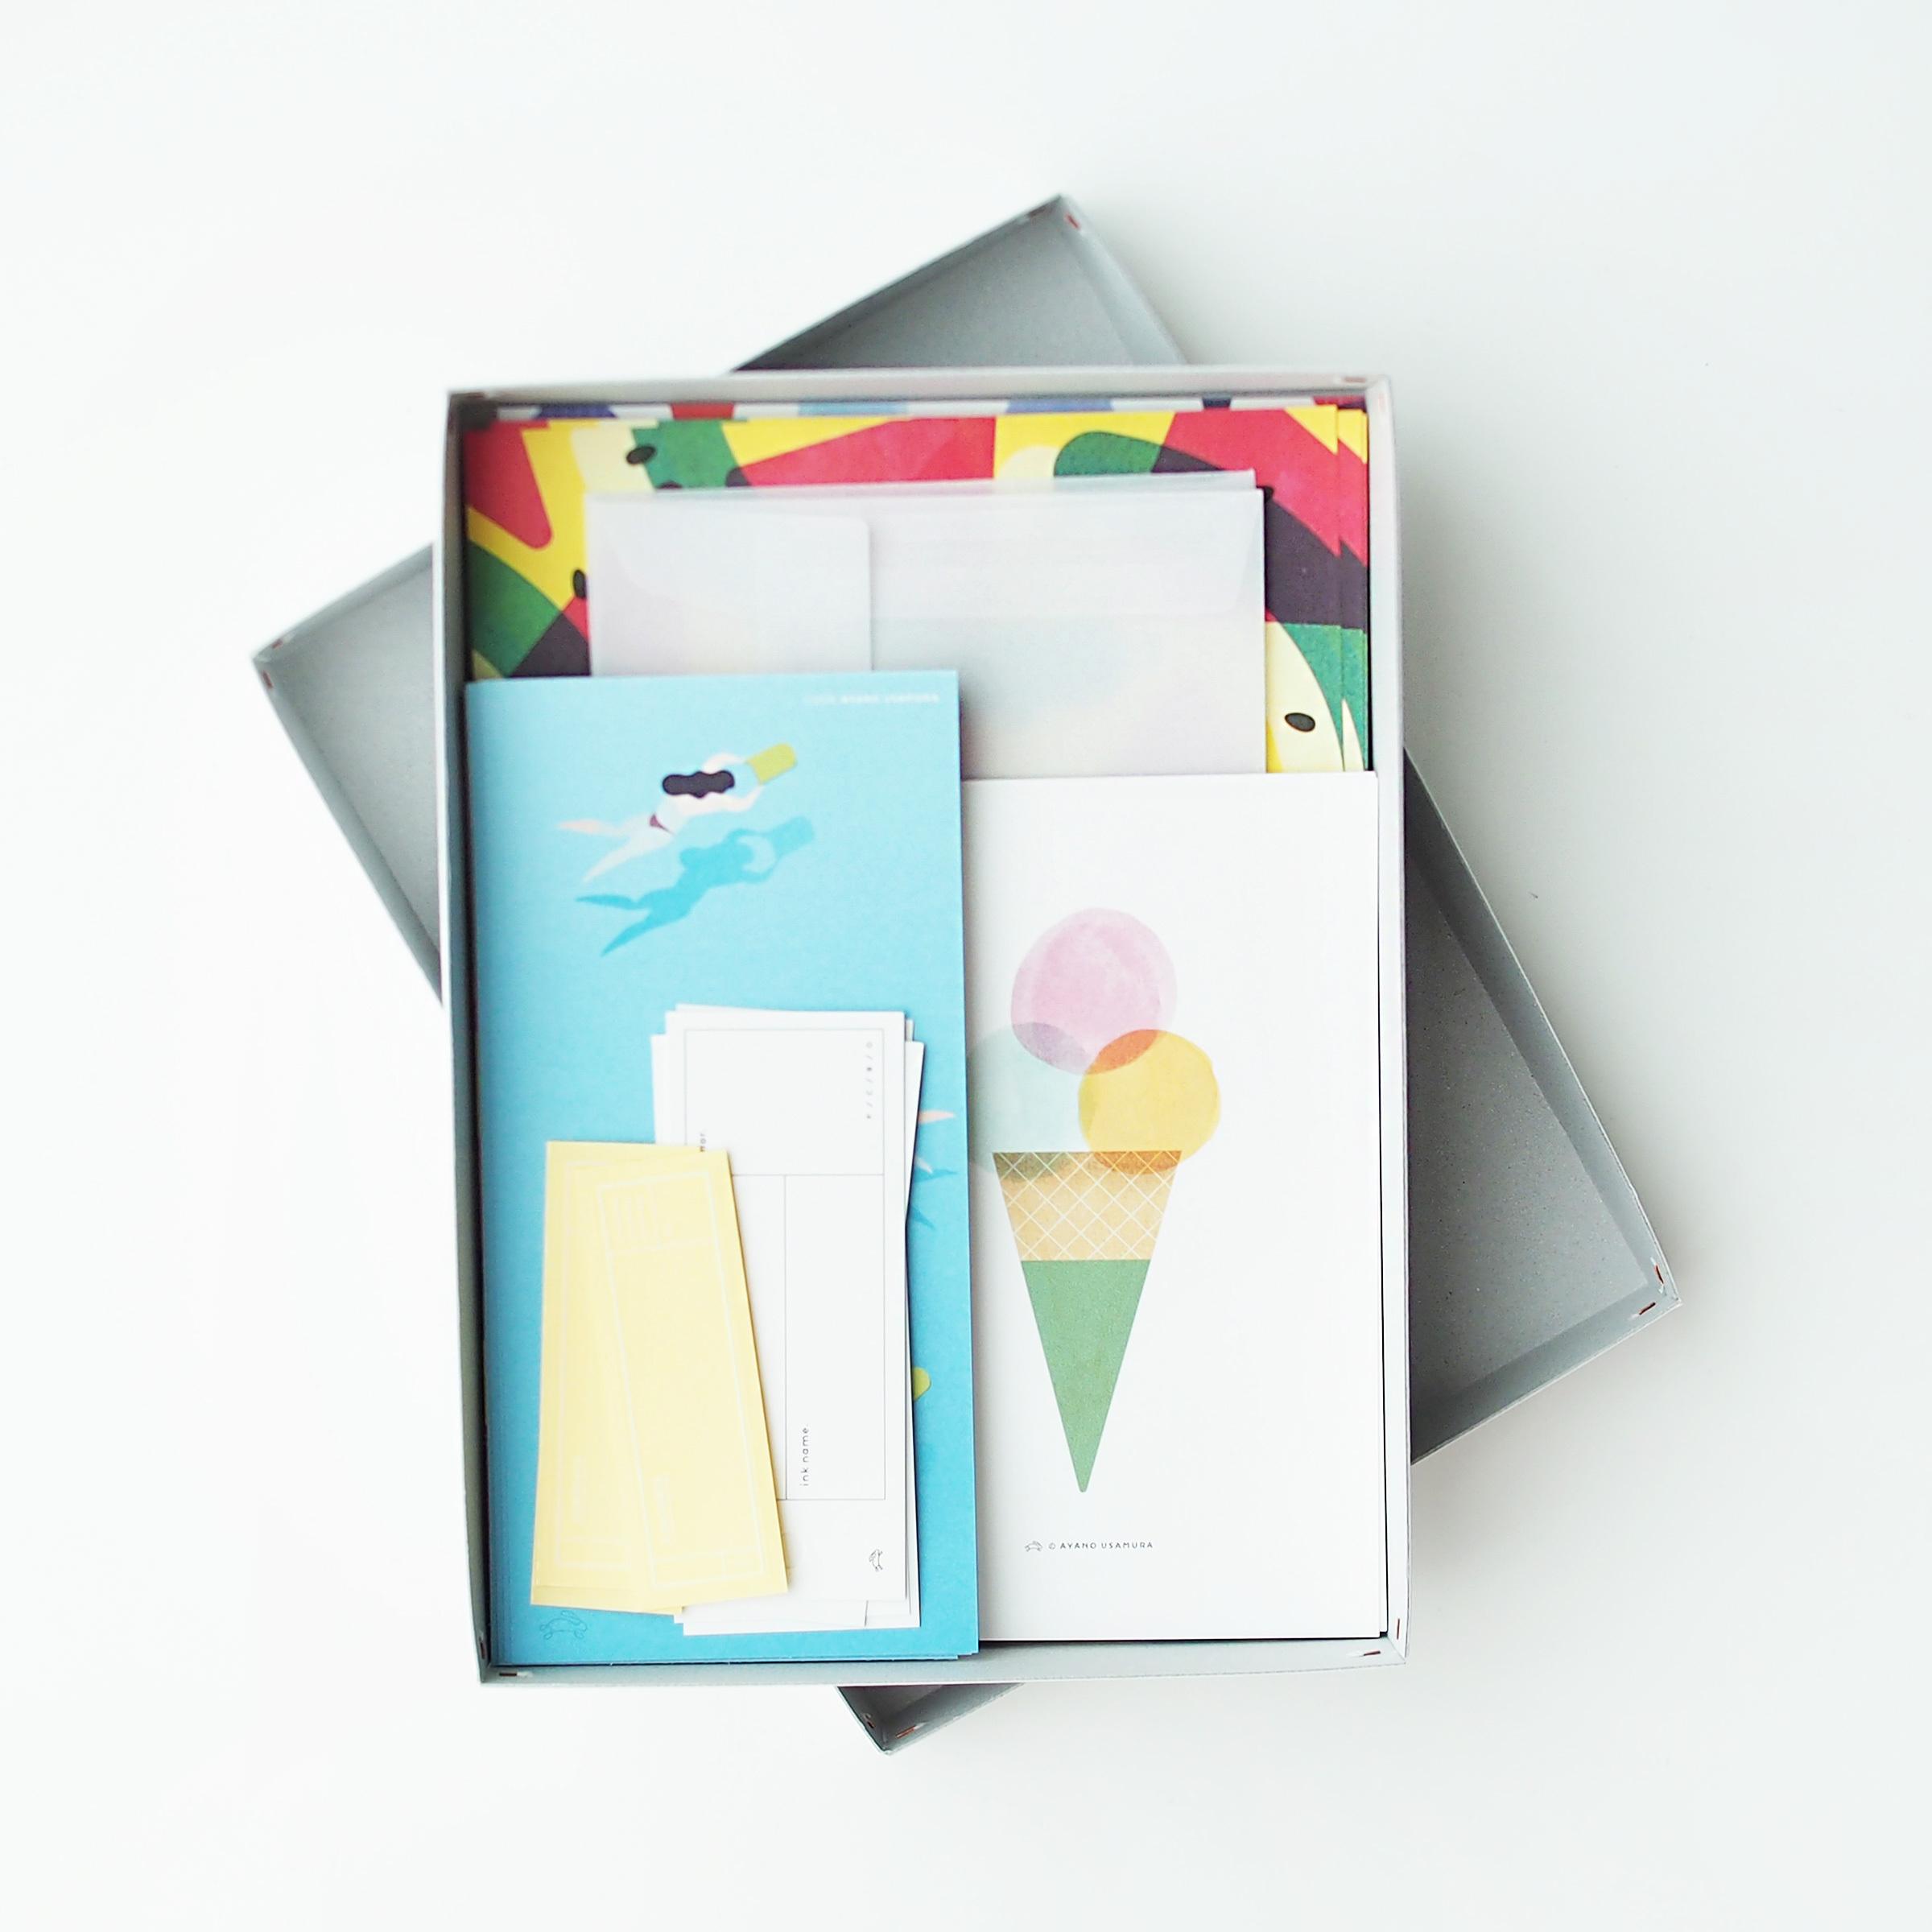 [ 販売終了 ]  SPECIAL BOX スイカの贈り物  [ 2020 / Summer ]